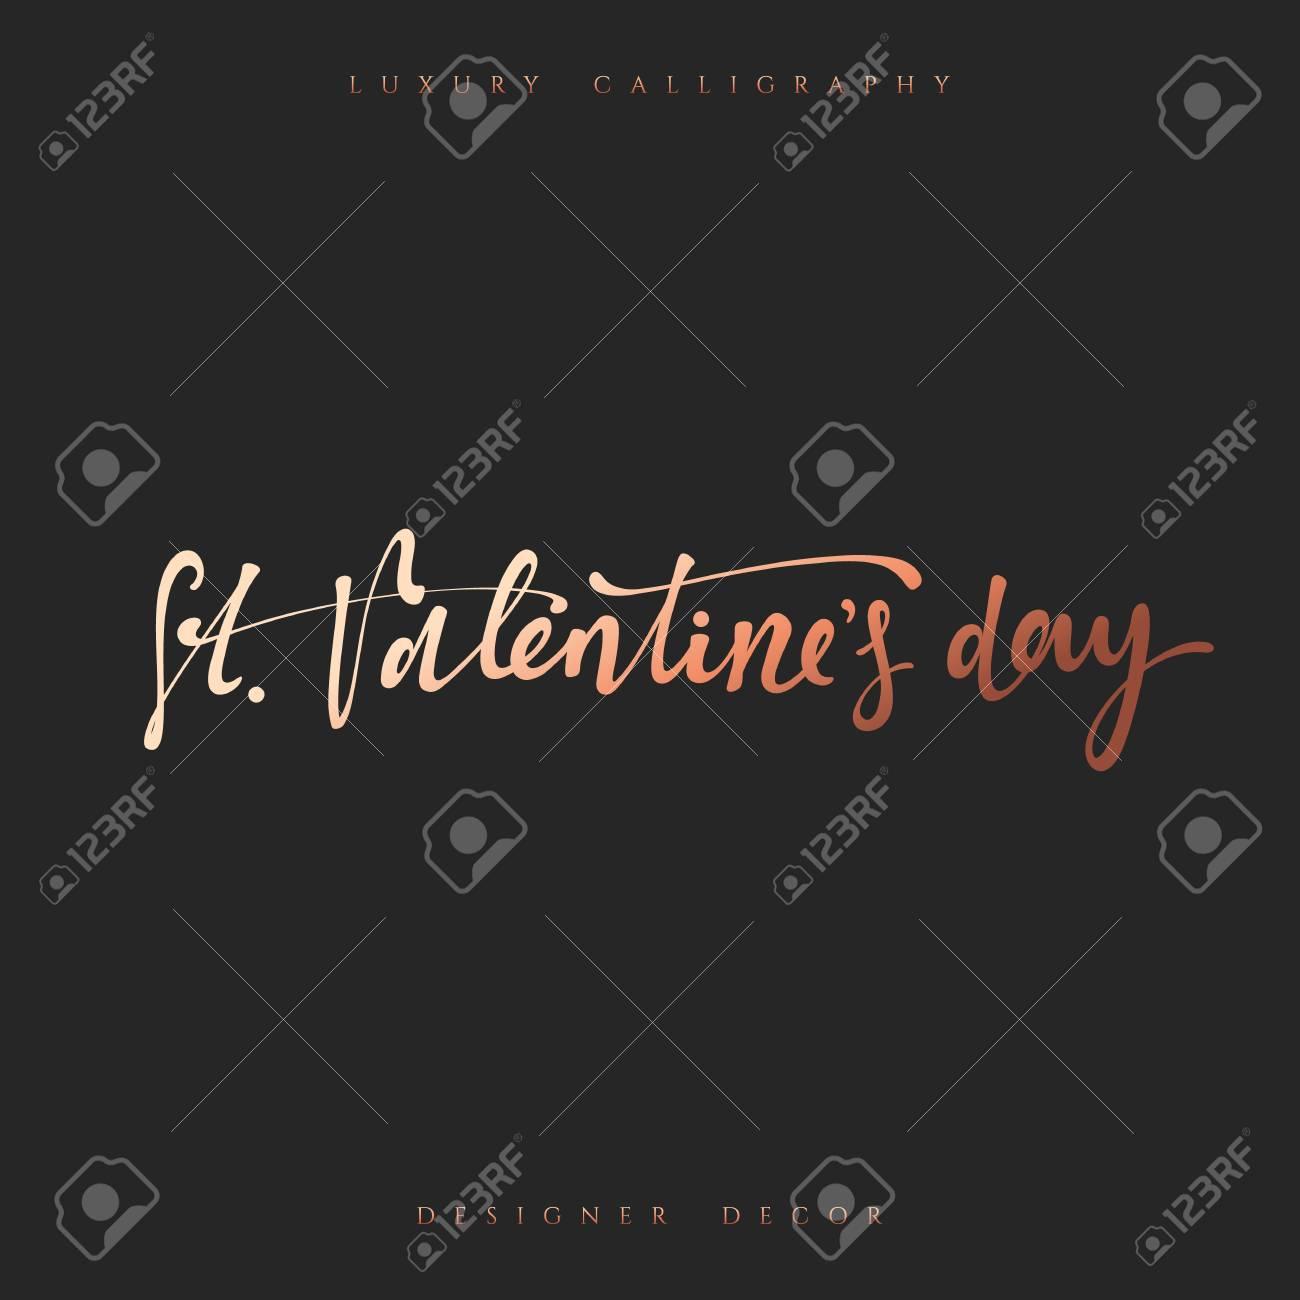 Feliz Dia Dos Namorados Letras Inscrição Artesanais Caligrafia Elegante Moderna E De Luxo Frase Para Design De Brochuras Cartazes Bandeiras